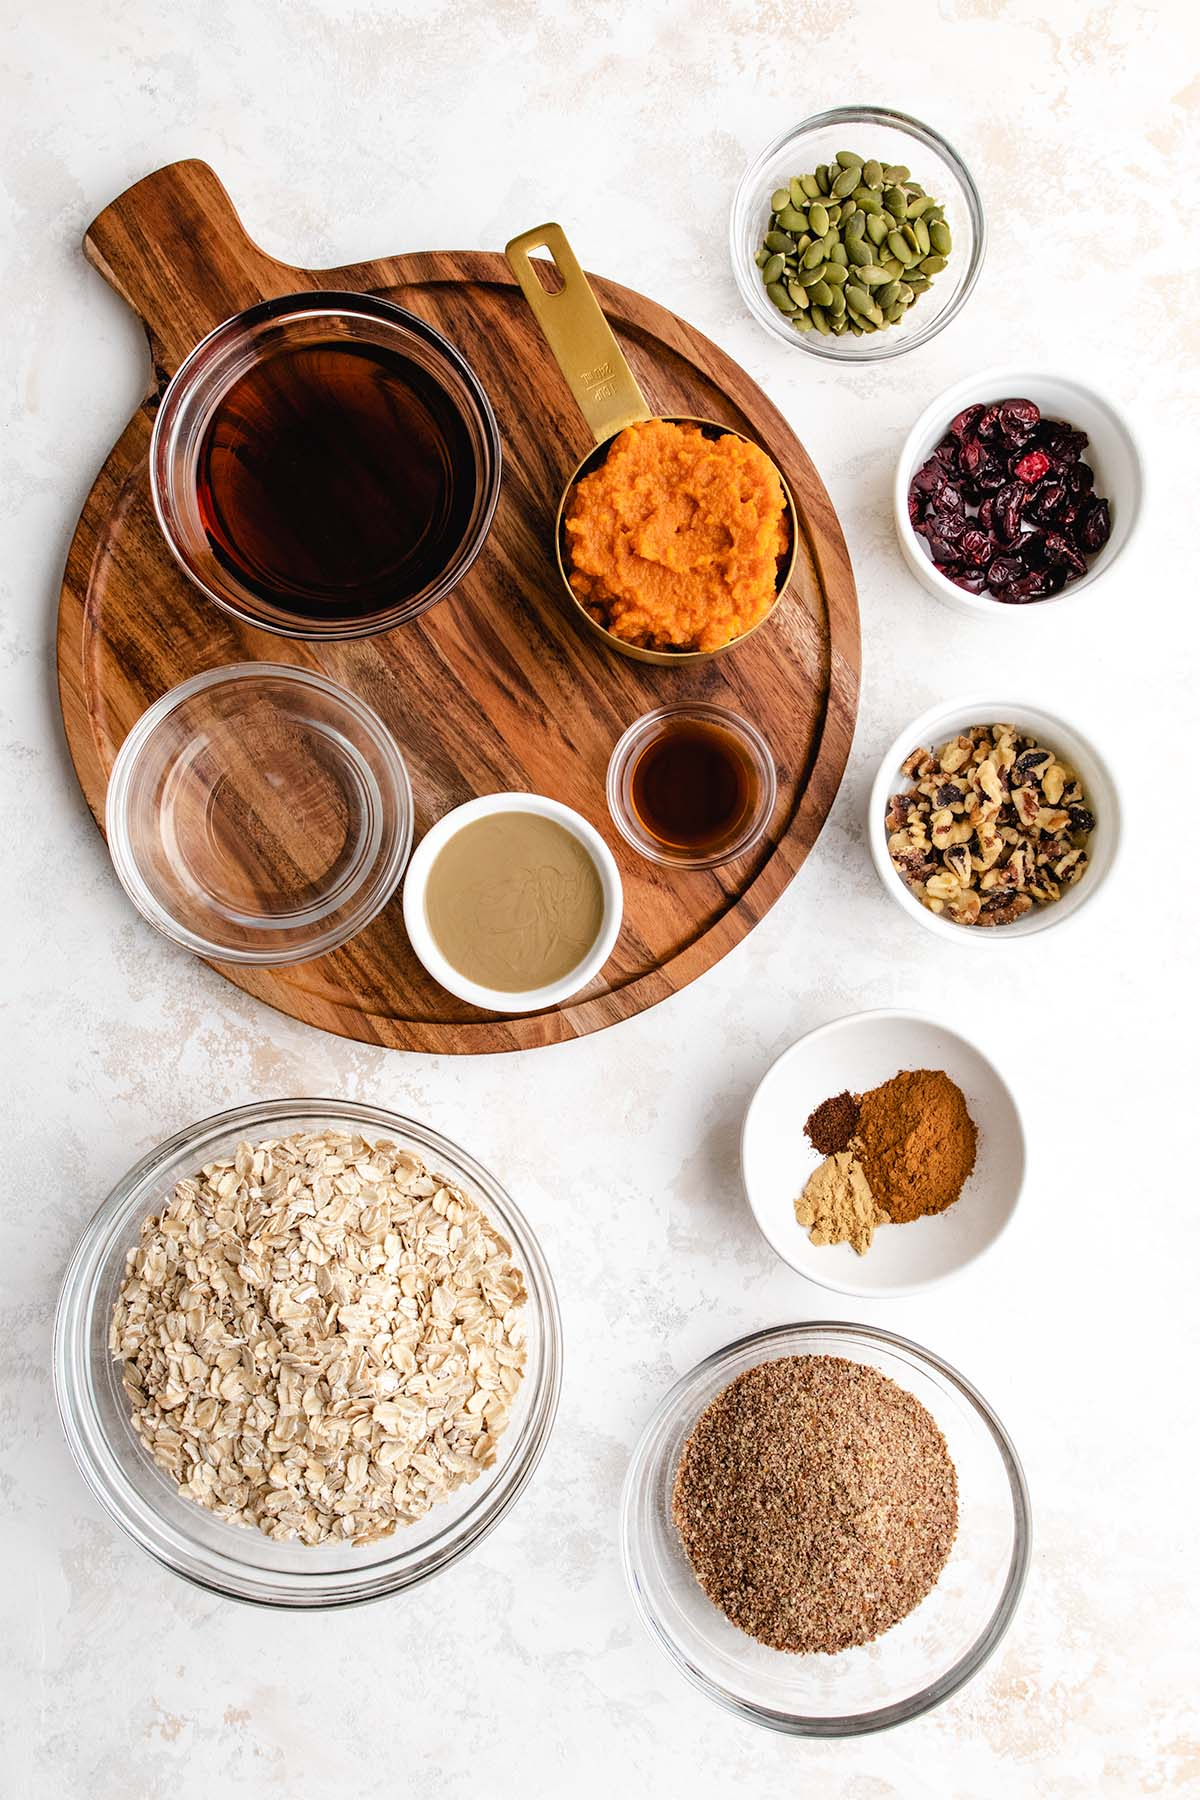 Ingredients needed to make Pumpkin Breakfast Cookies, viewed from overhead.